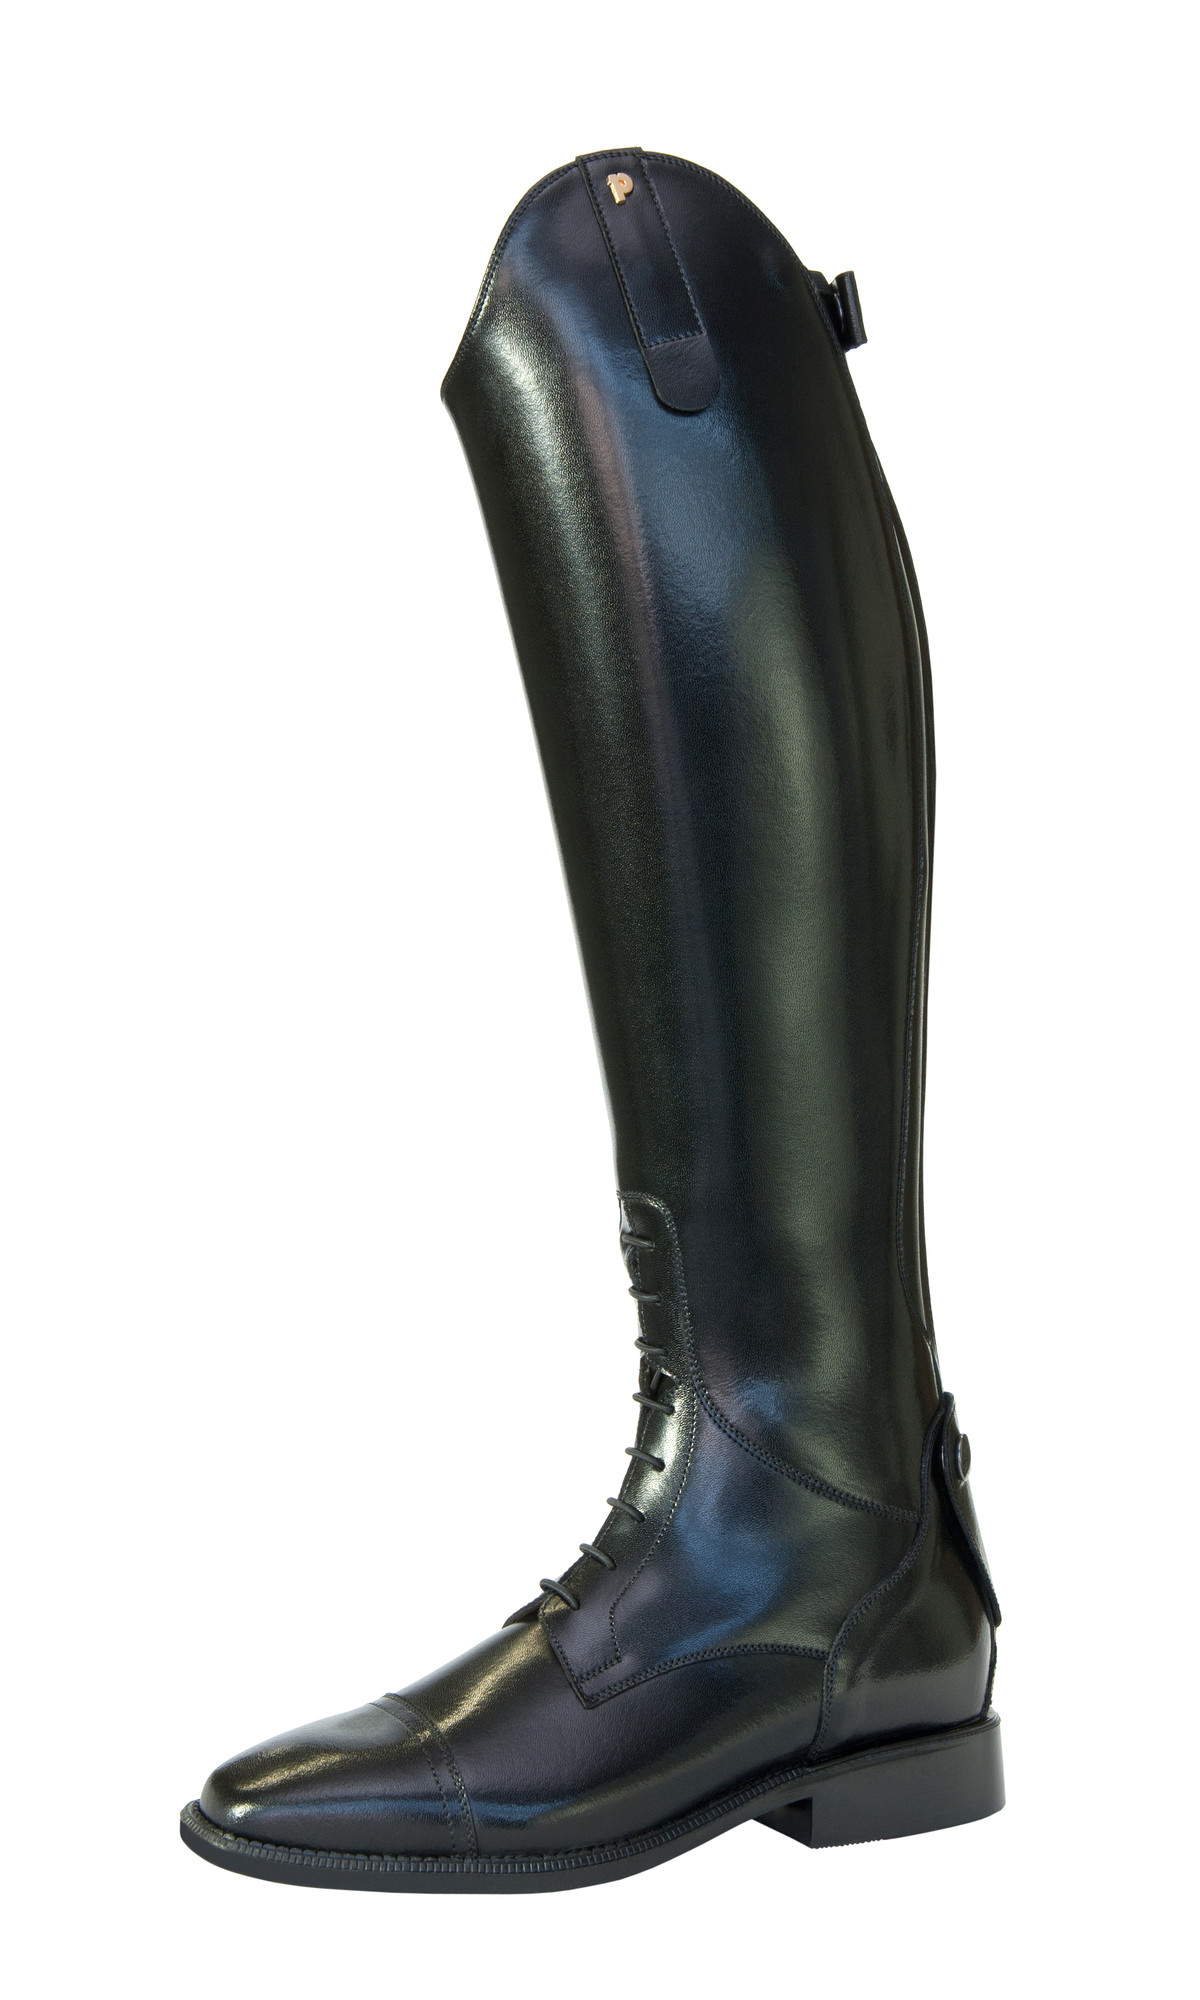 Petrie Melbourne rijlaars zwart maat:6,5xw